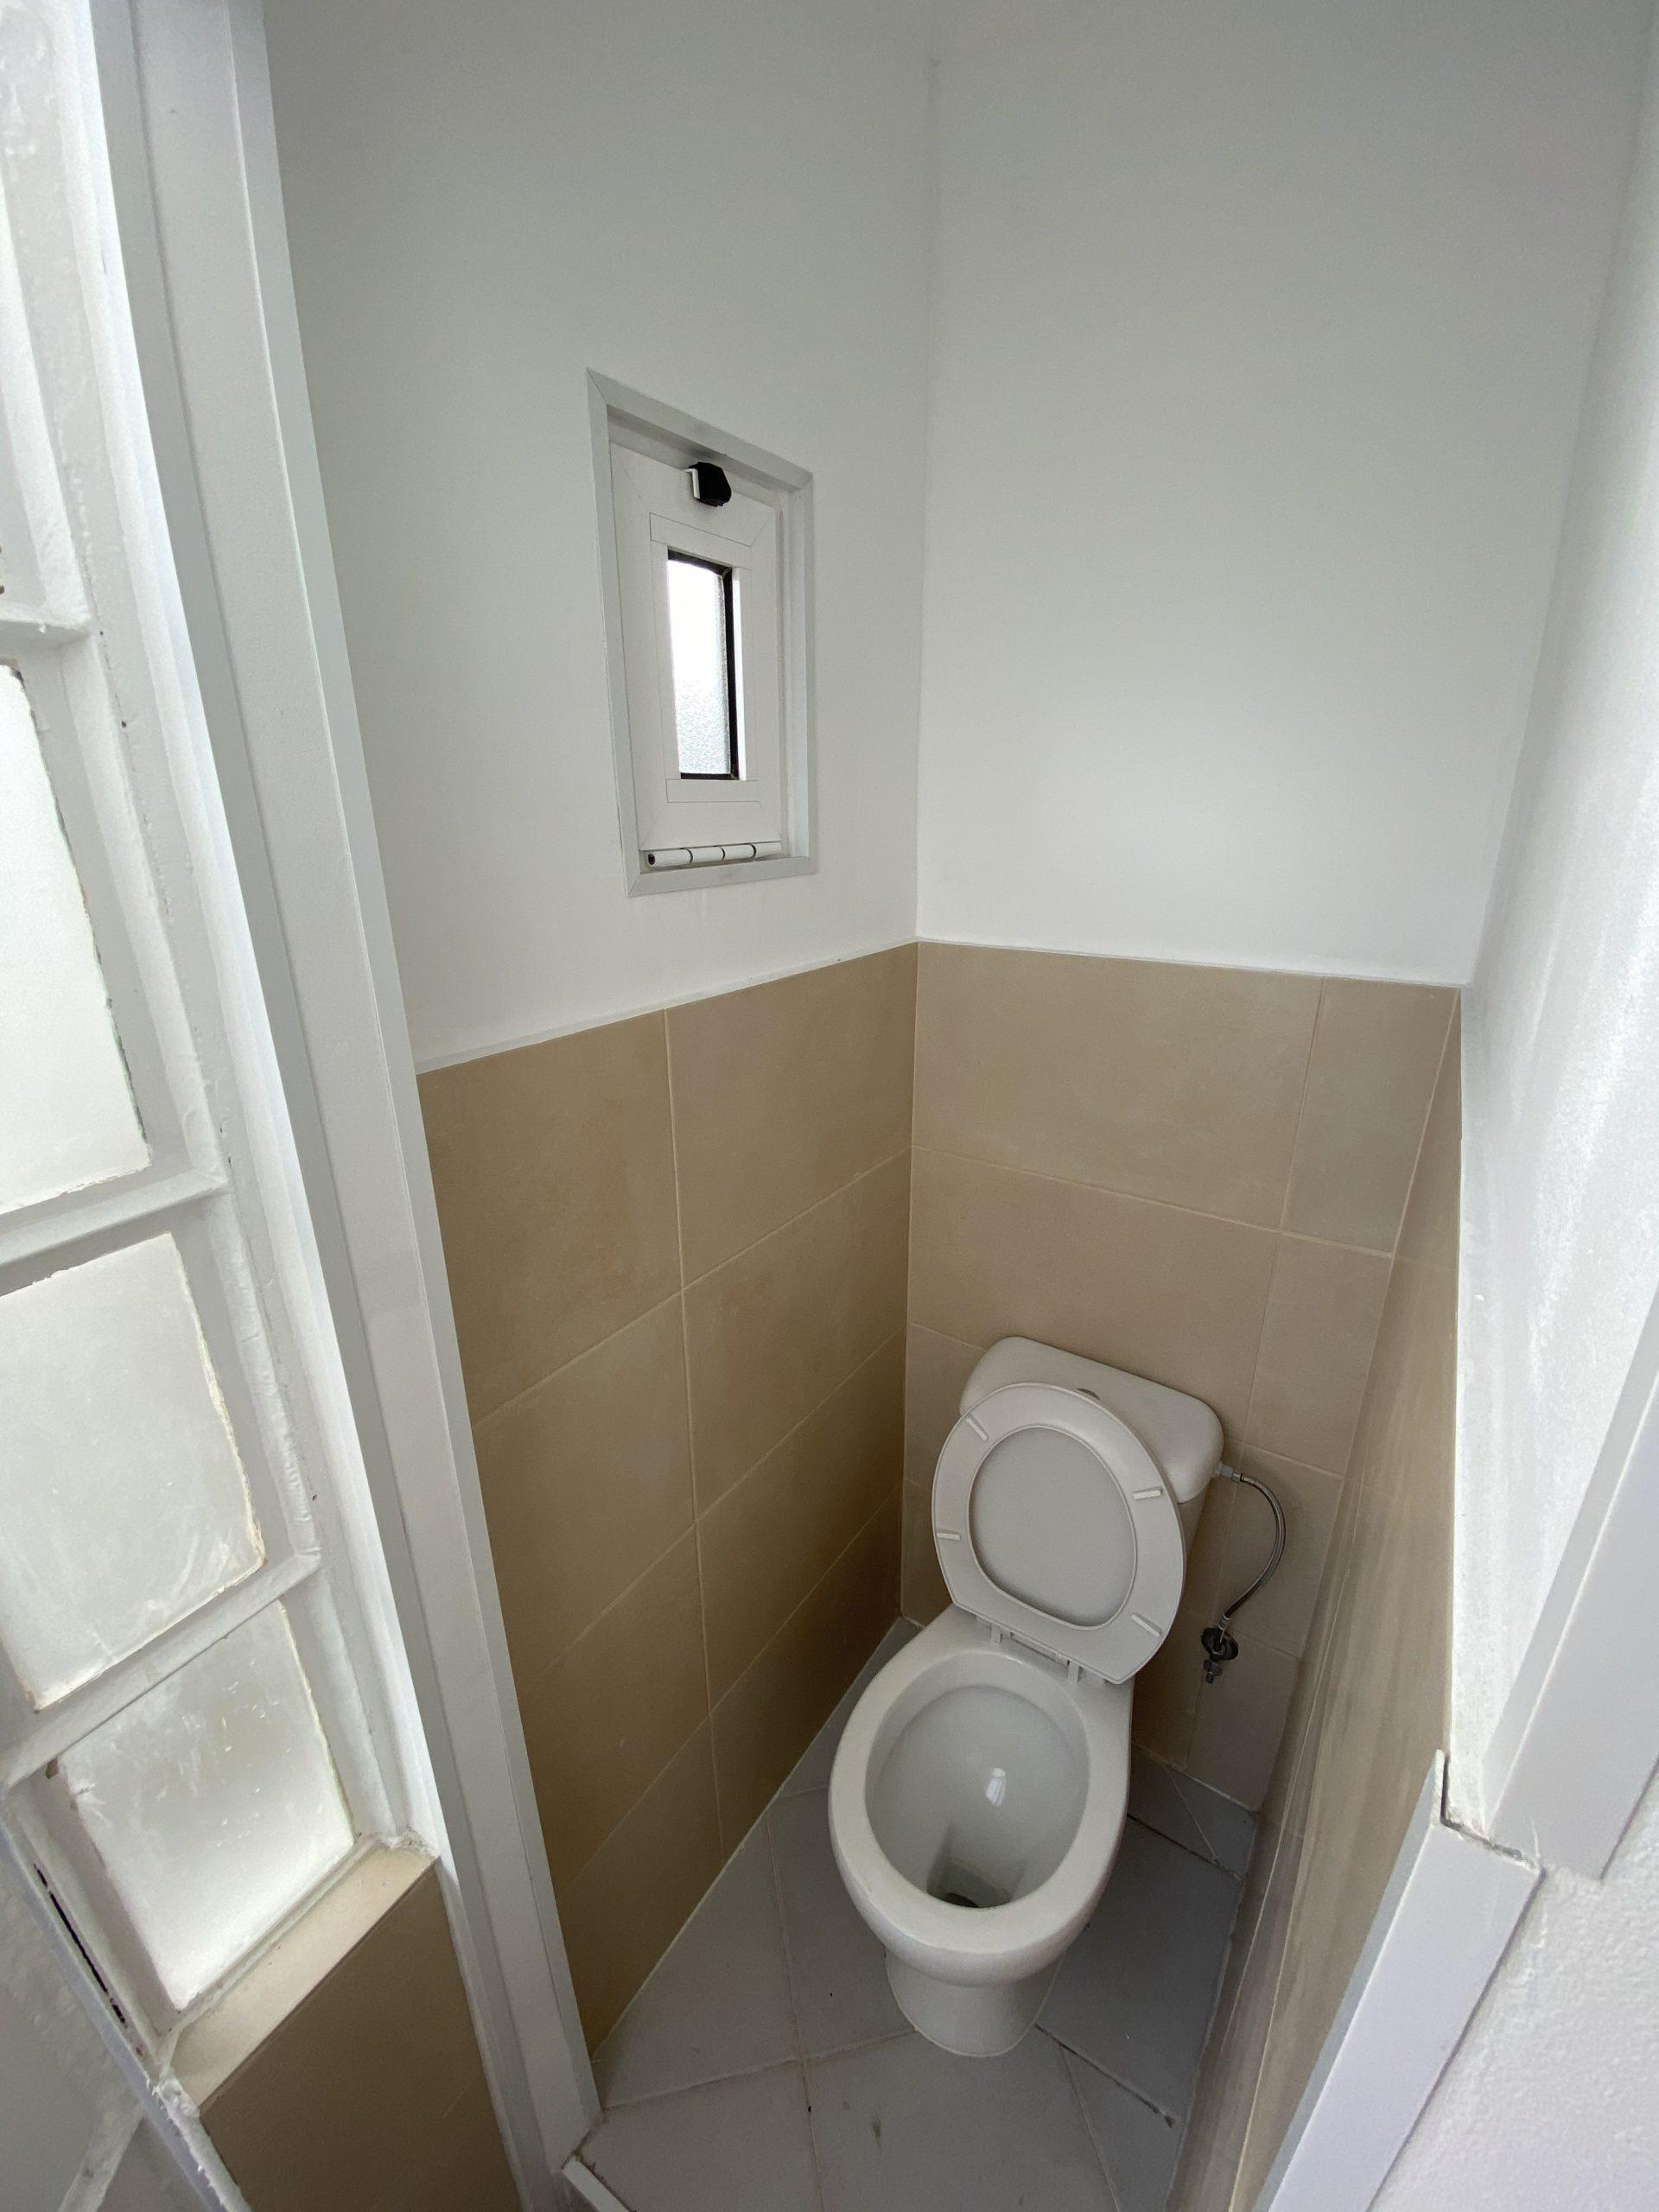 דירה למכירה בליסבון ב 129,000€ / השכרה ב 750 €